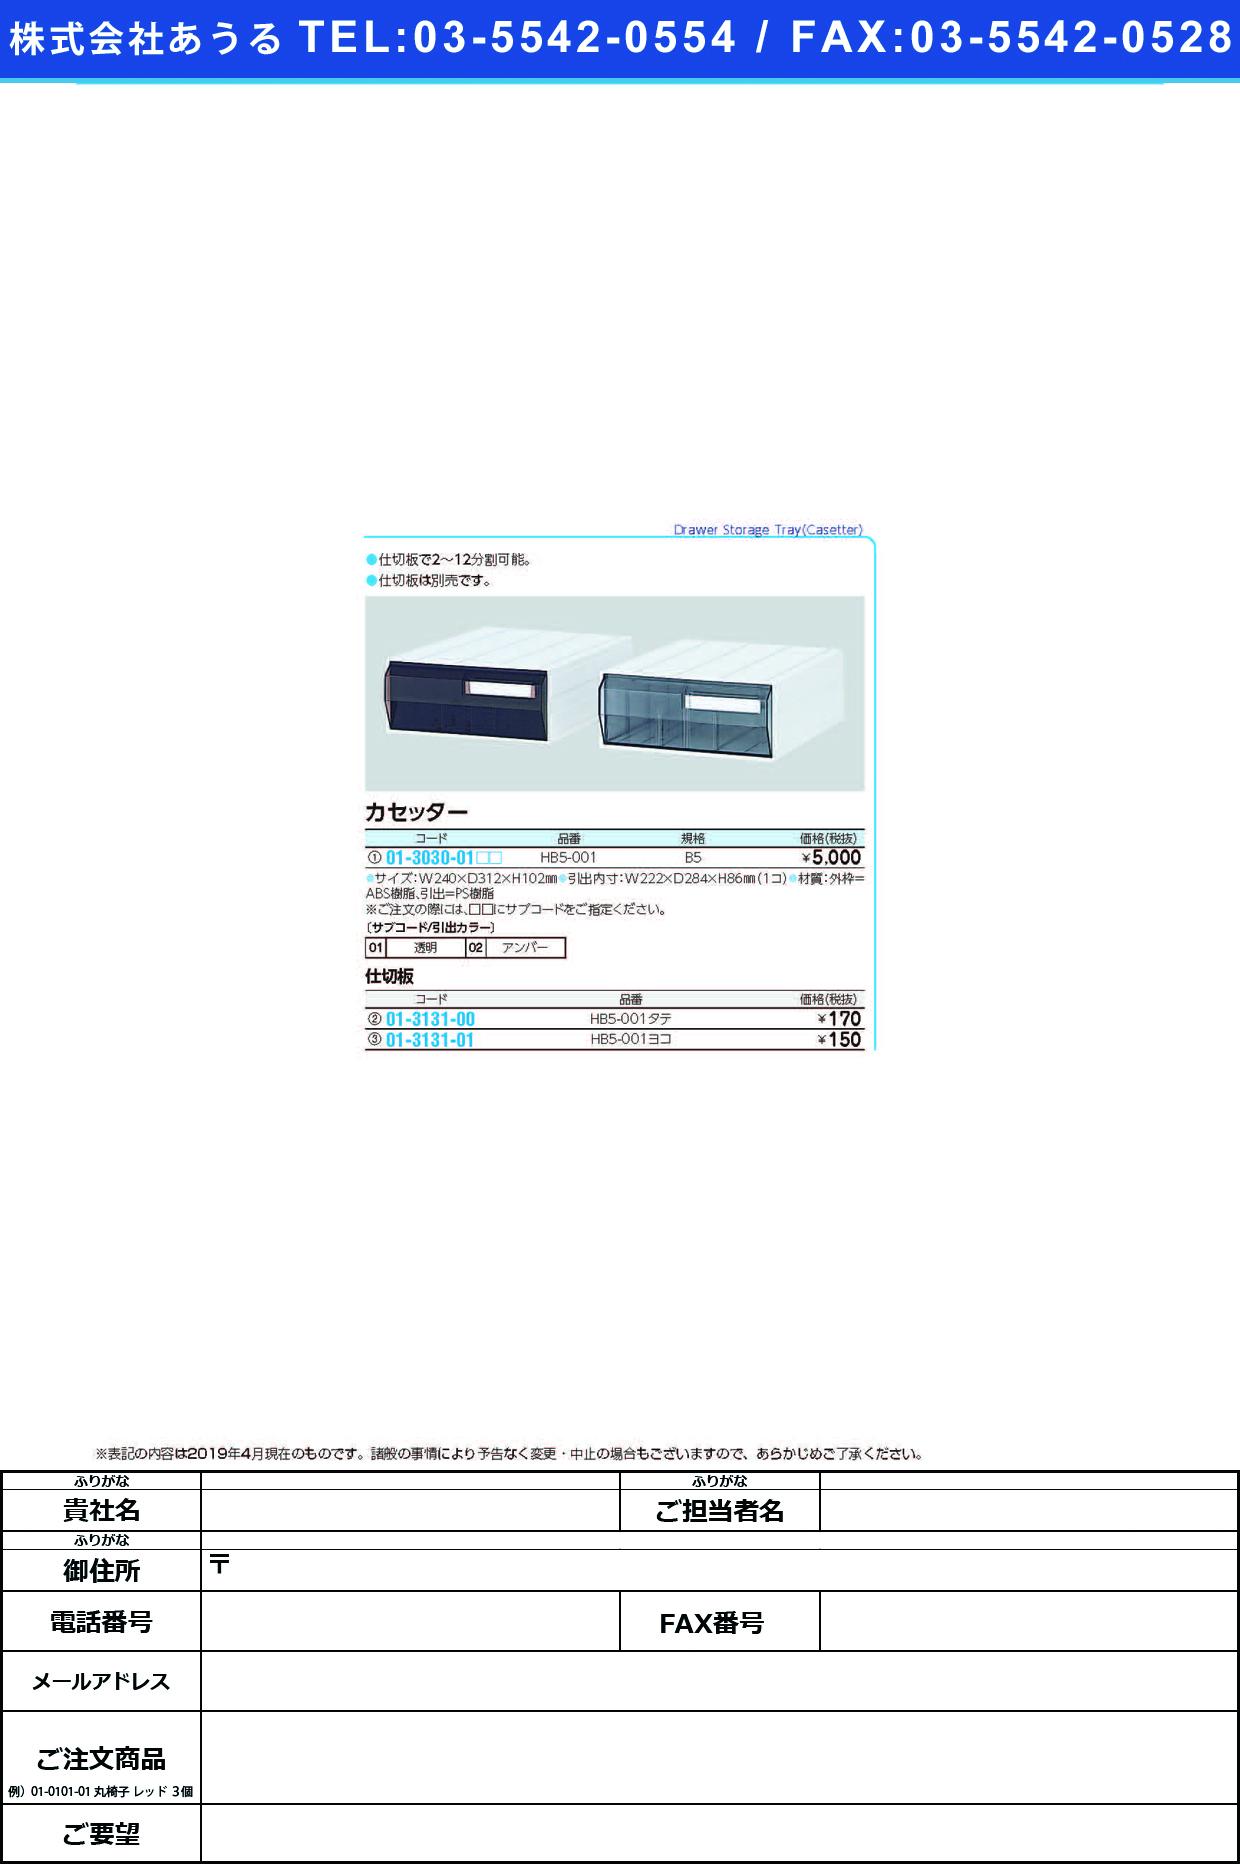 (01-3131-01)カセッター(HB5)用仕切板 HB5-001ヨコ カセッターHB5ヨウシキリバン(サカセ化学工業)【1枚単位】【2019年カタログ商品】